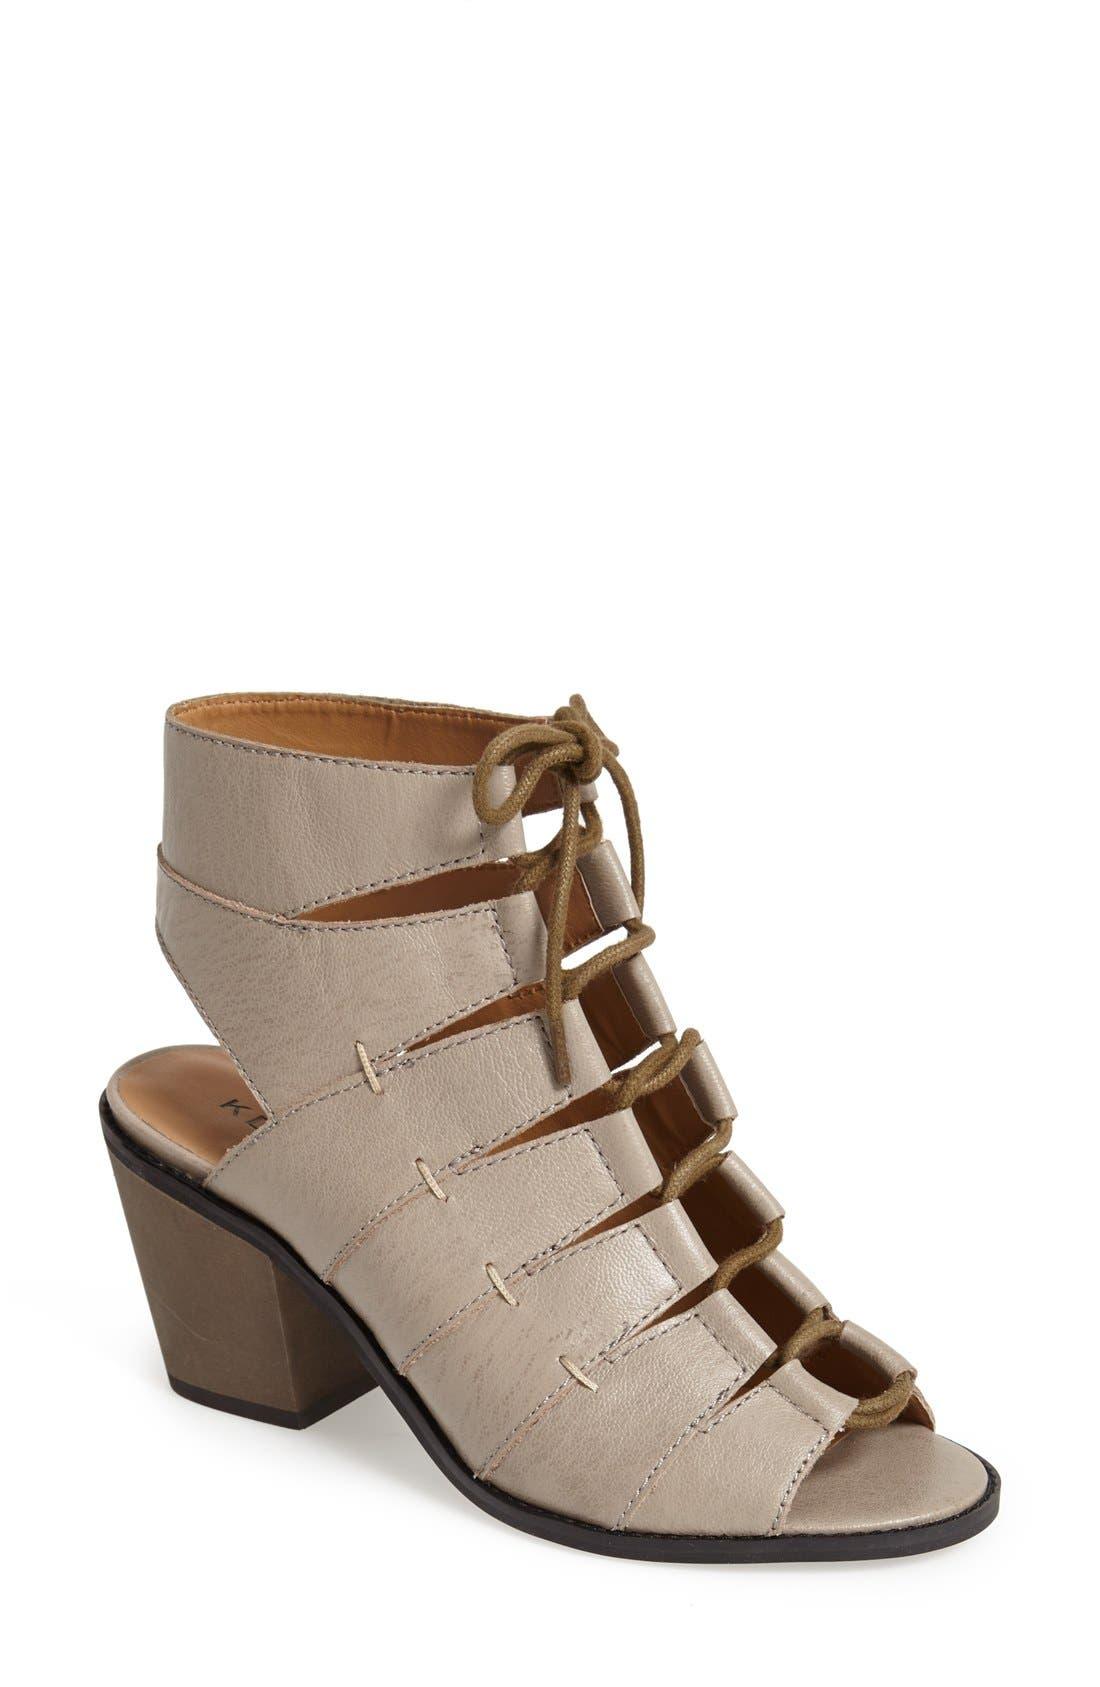 Main Image - Kelsi Dagger Brooklyn 'Katreena' Leather Open Toe Bootie (Women)